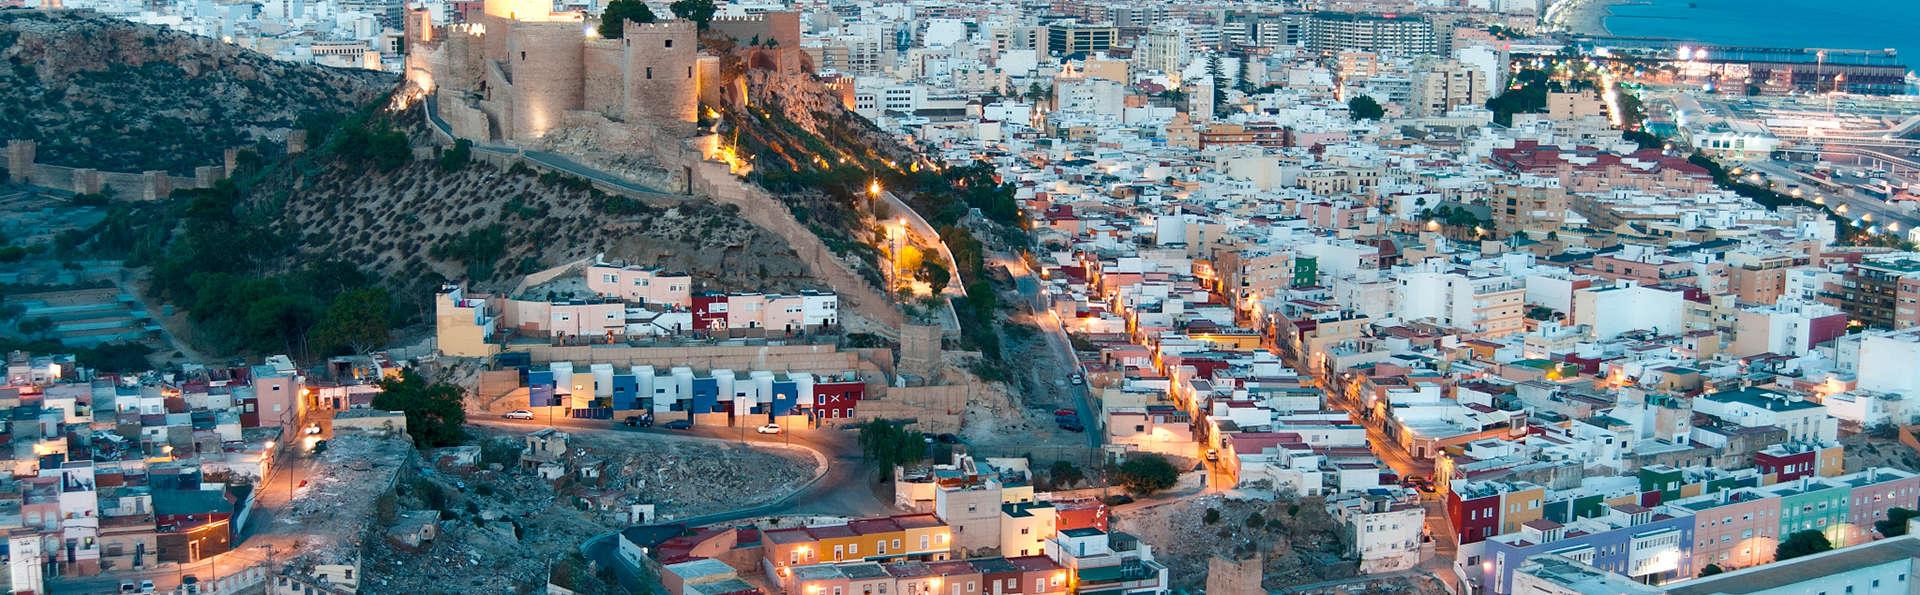 Especial parejas: escapada con cama matrimonial garantizada en Almería